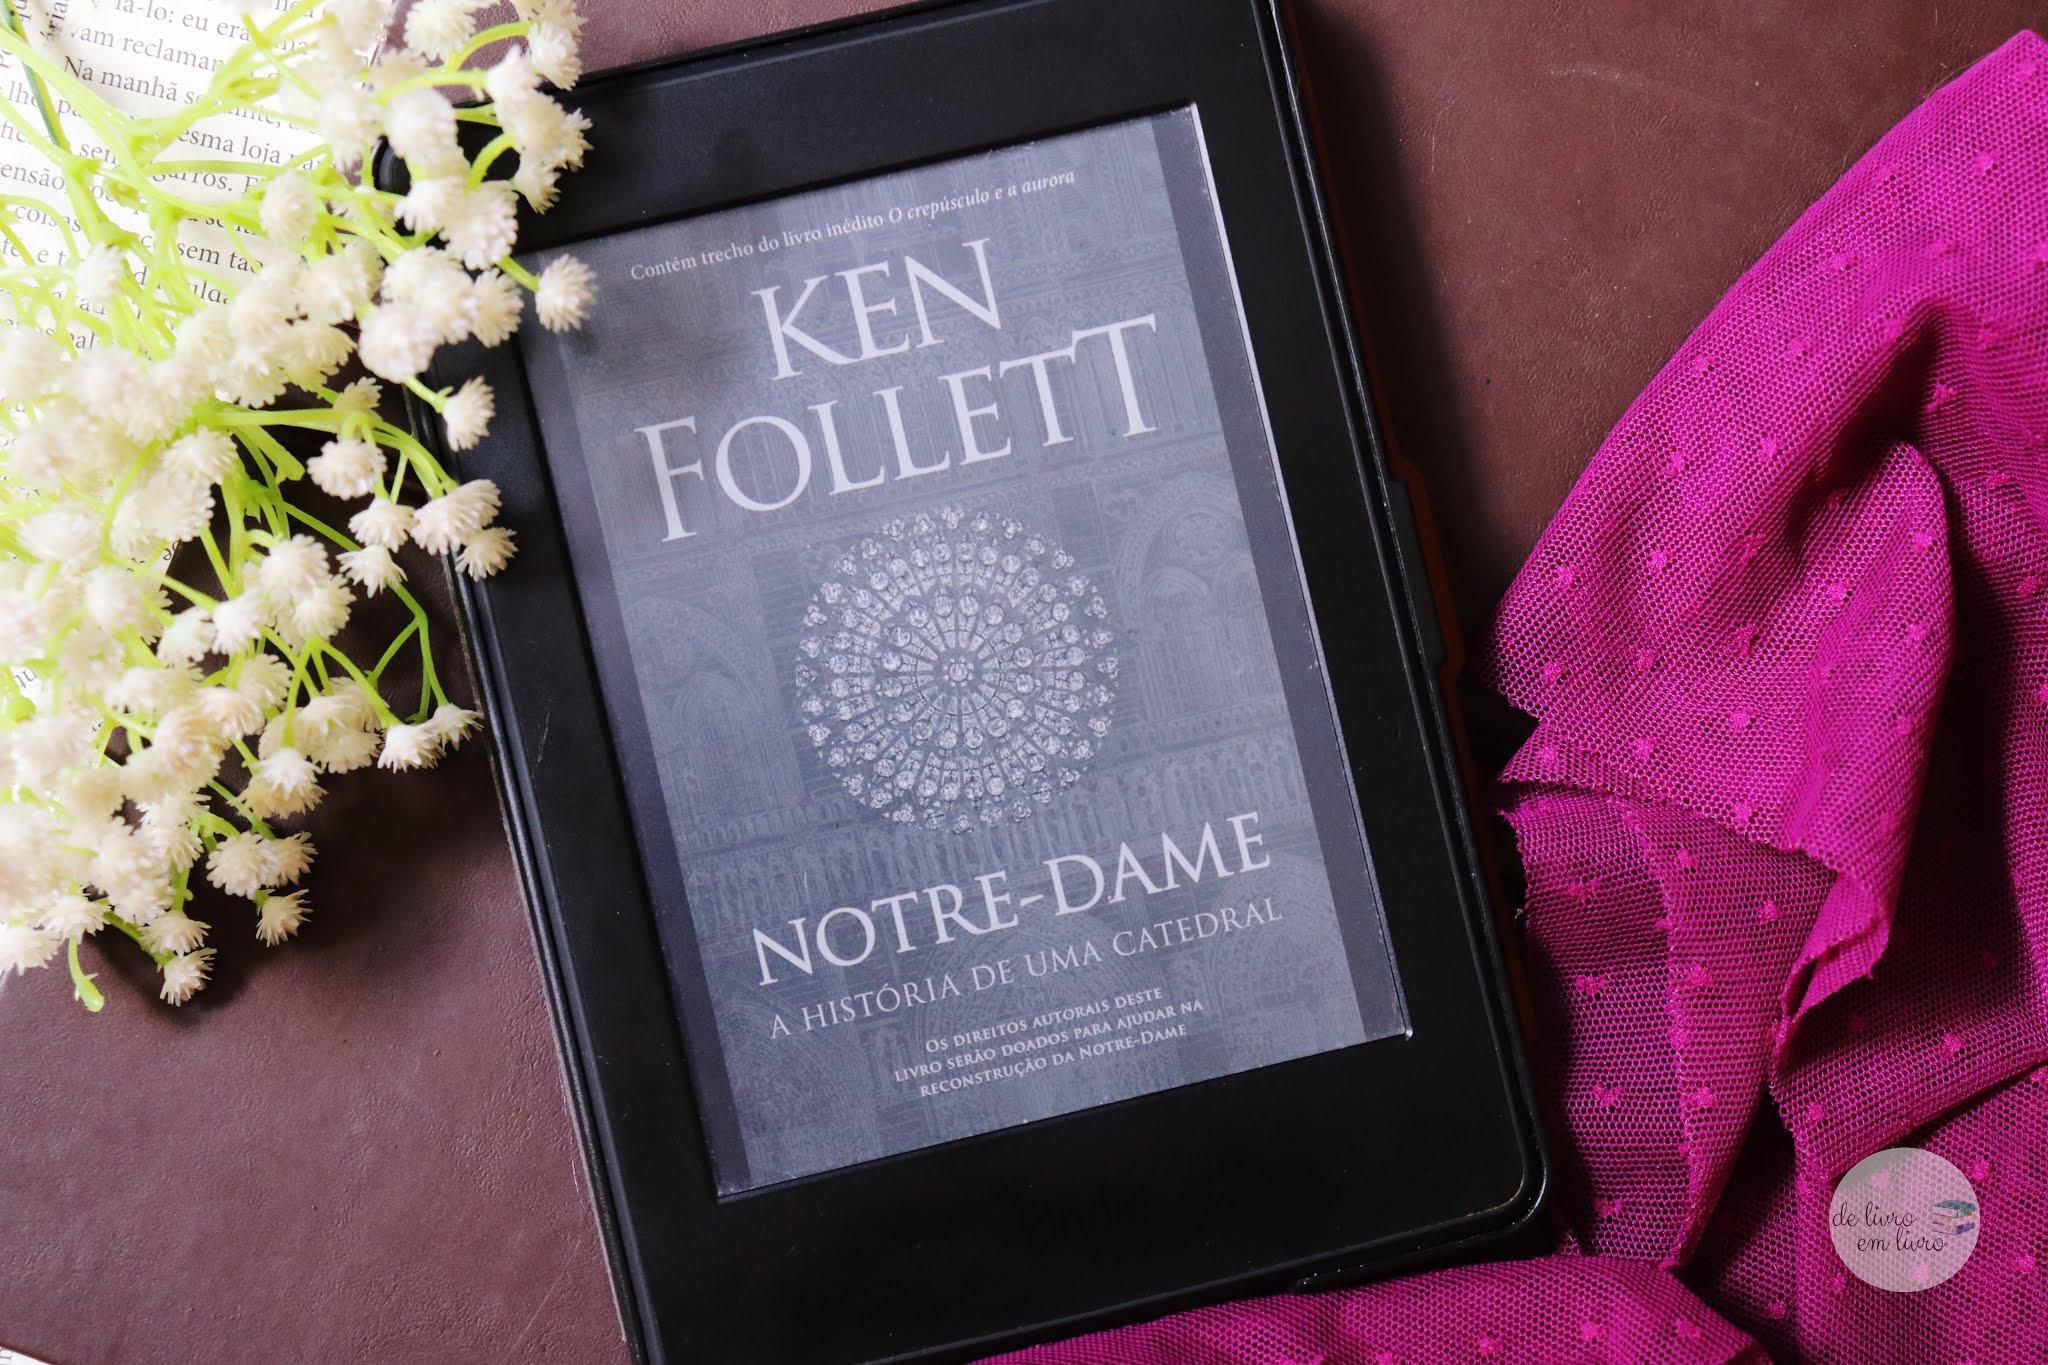 Notre-Dame Ken Follett